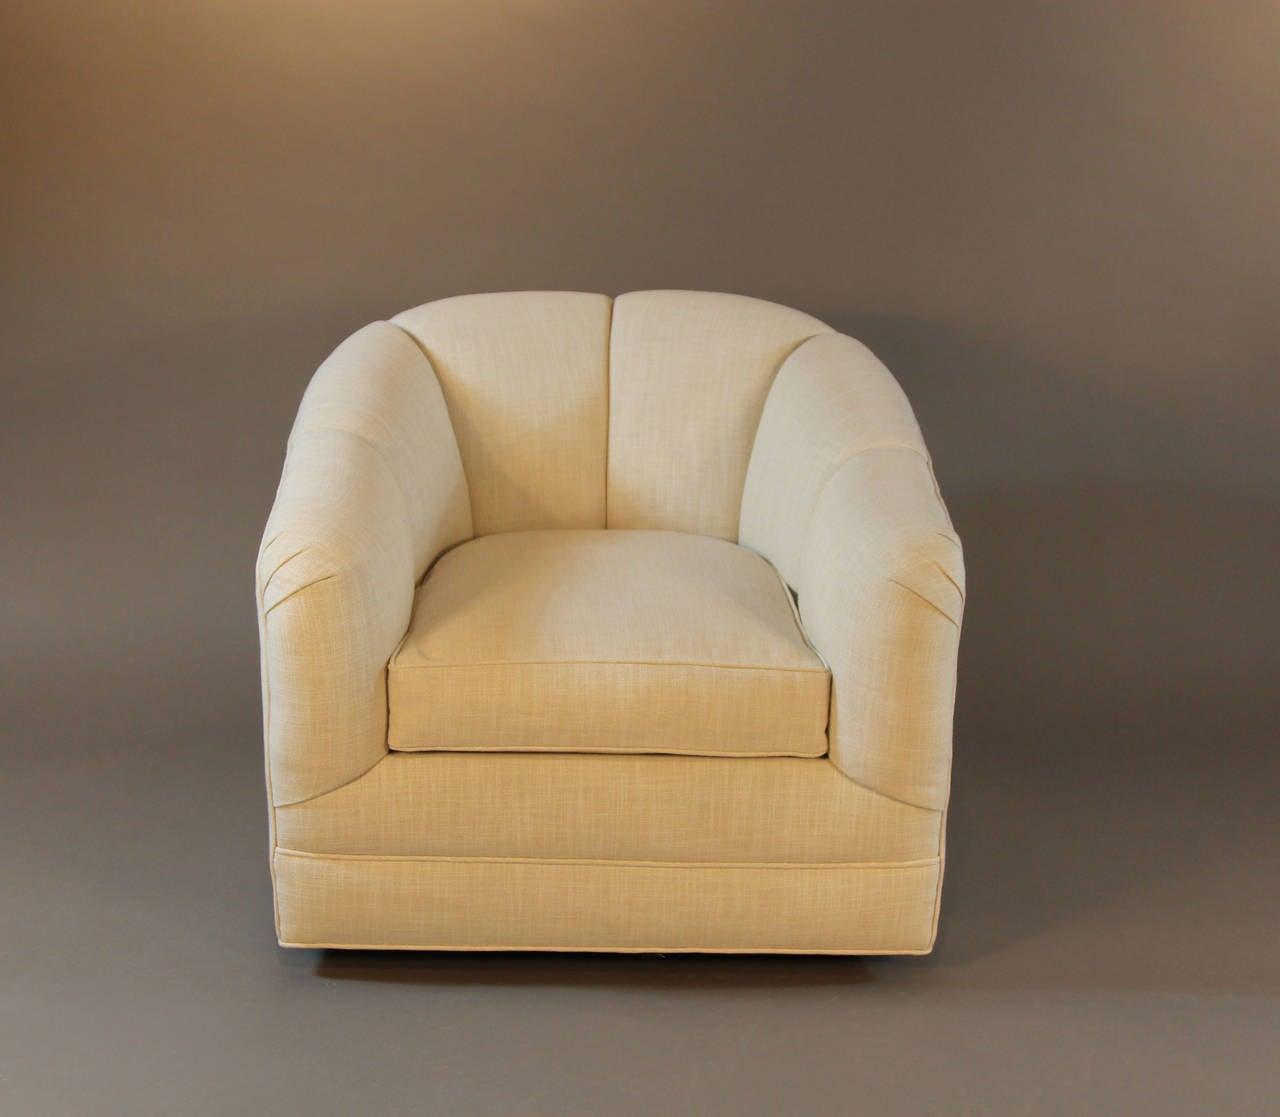 swivel tub chairs yamasoro ergonomic chair pair of 1970s at 1stdibs